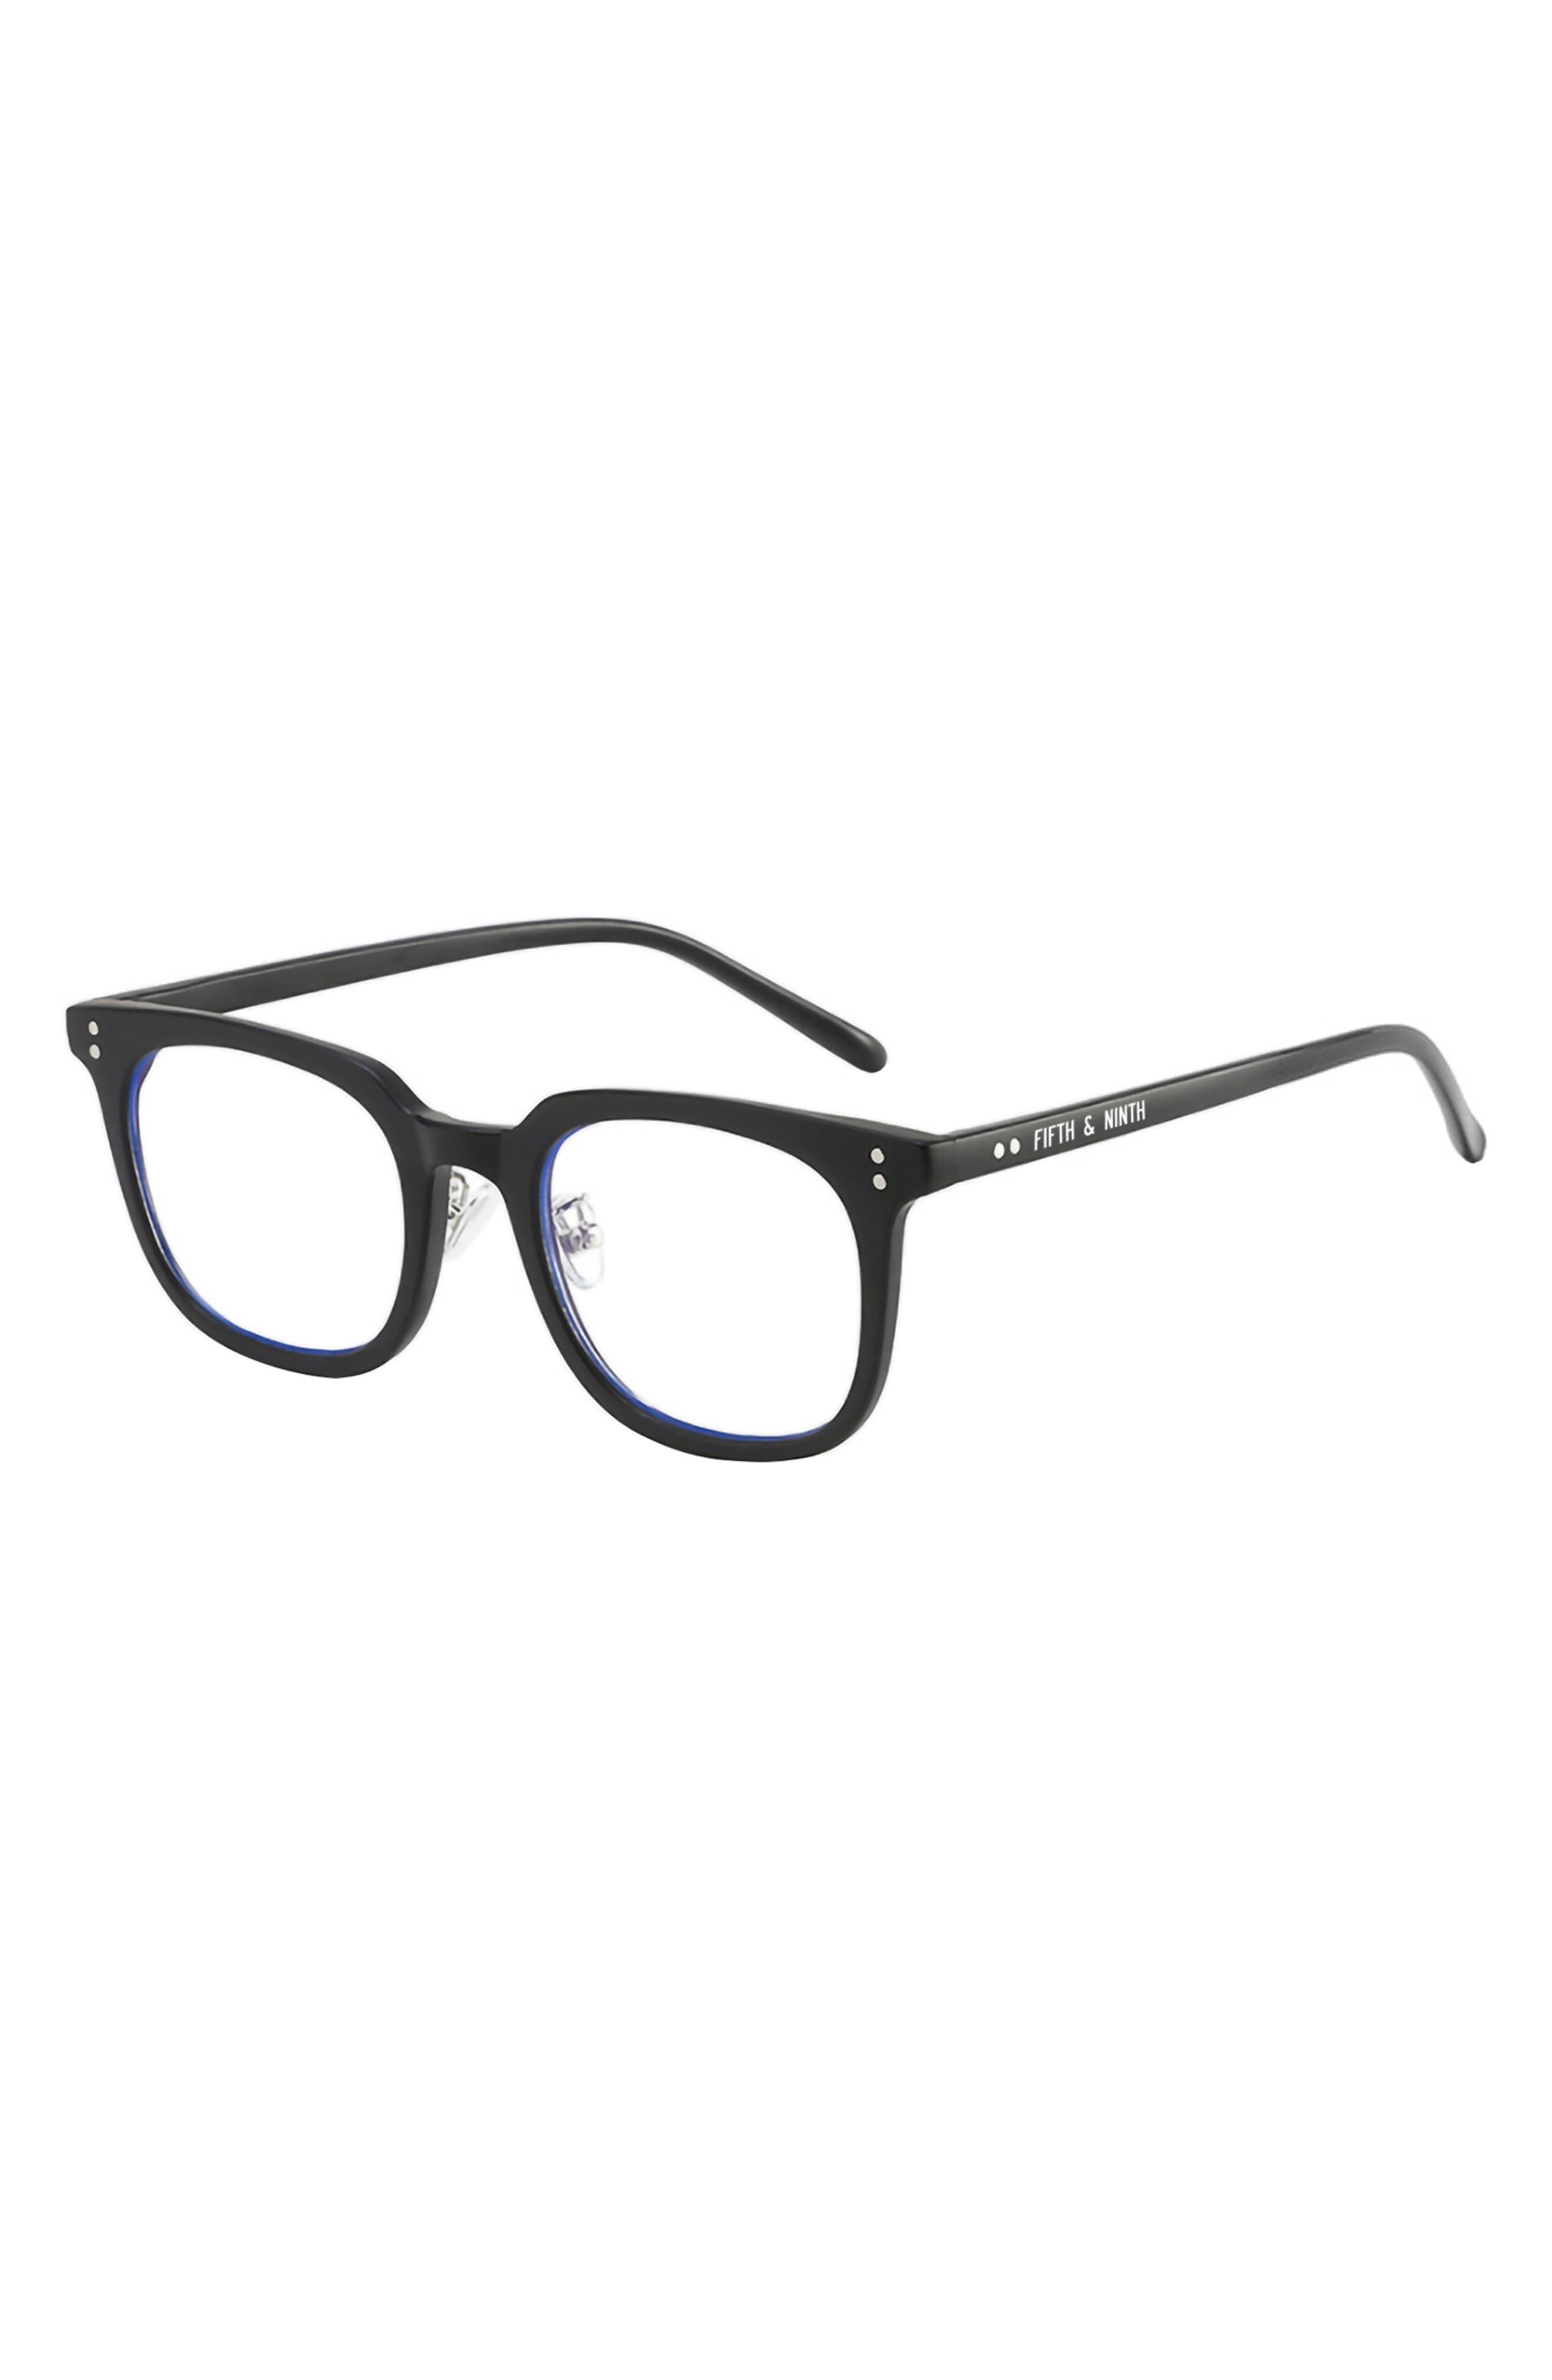 Austin 46mm Blue Light Filtering Glasses